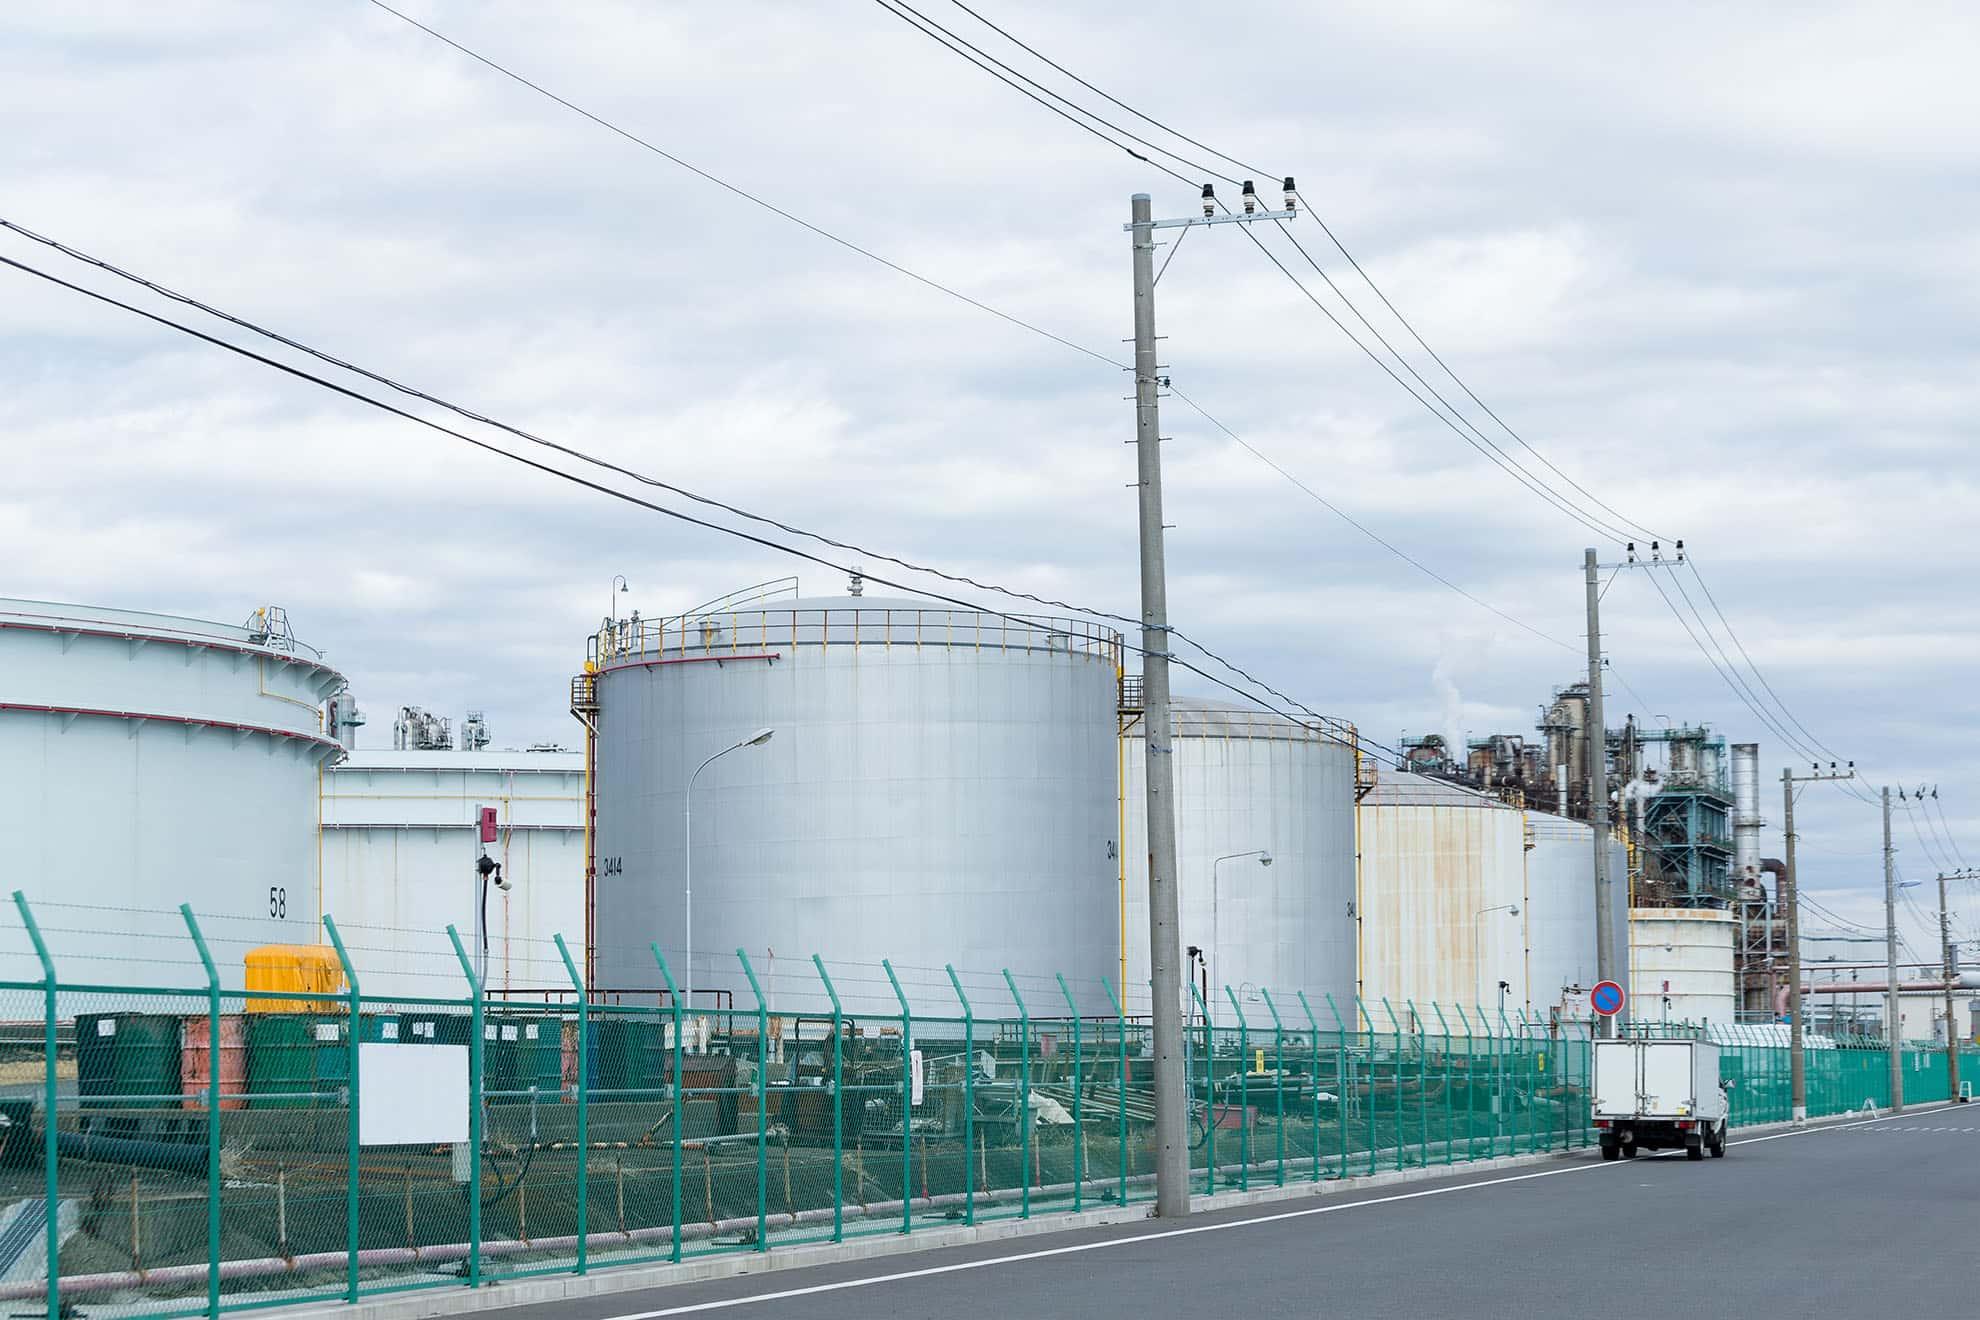 fuel-storage-tank-in-industrial-city-KQQAQFY-min